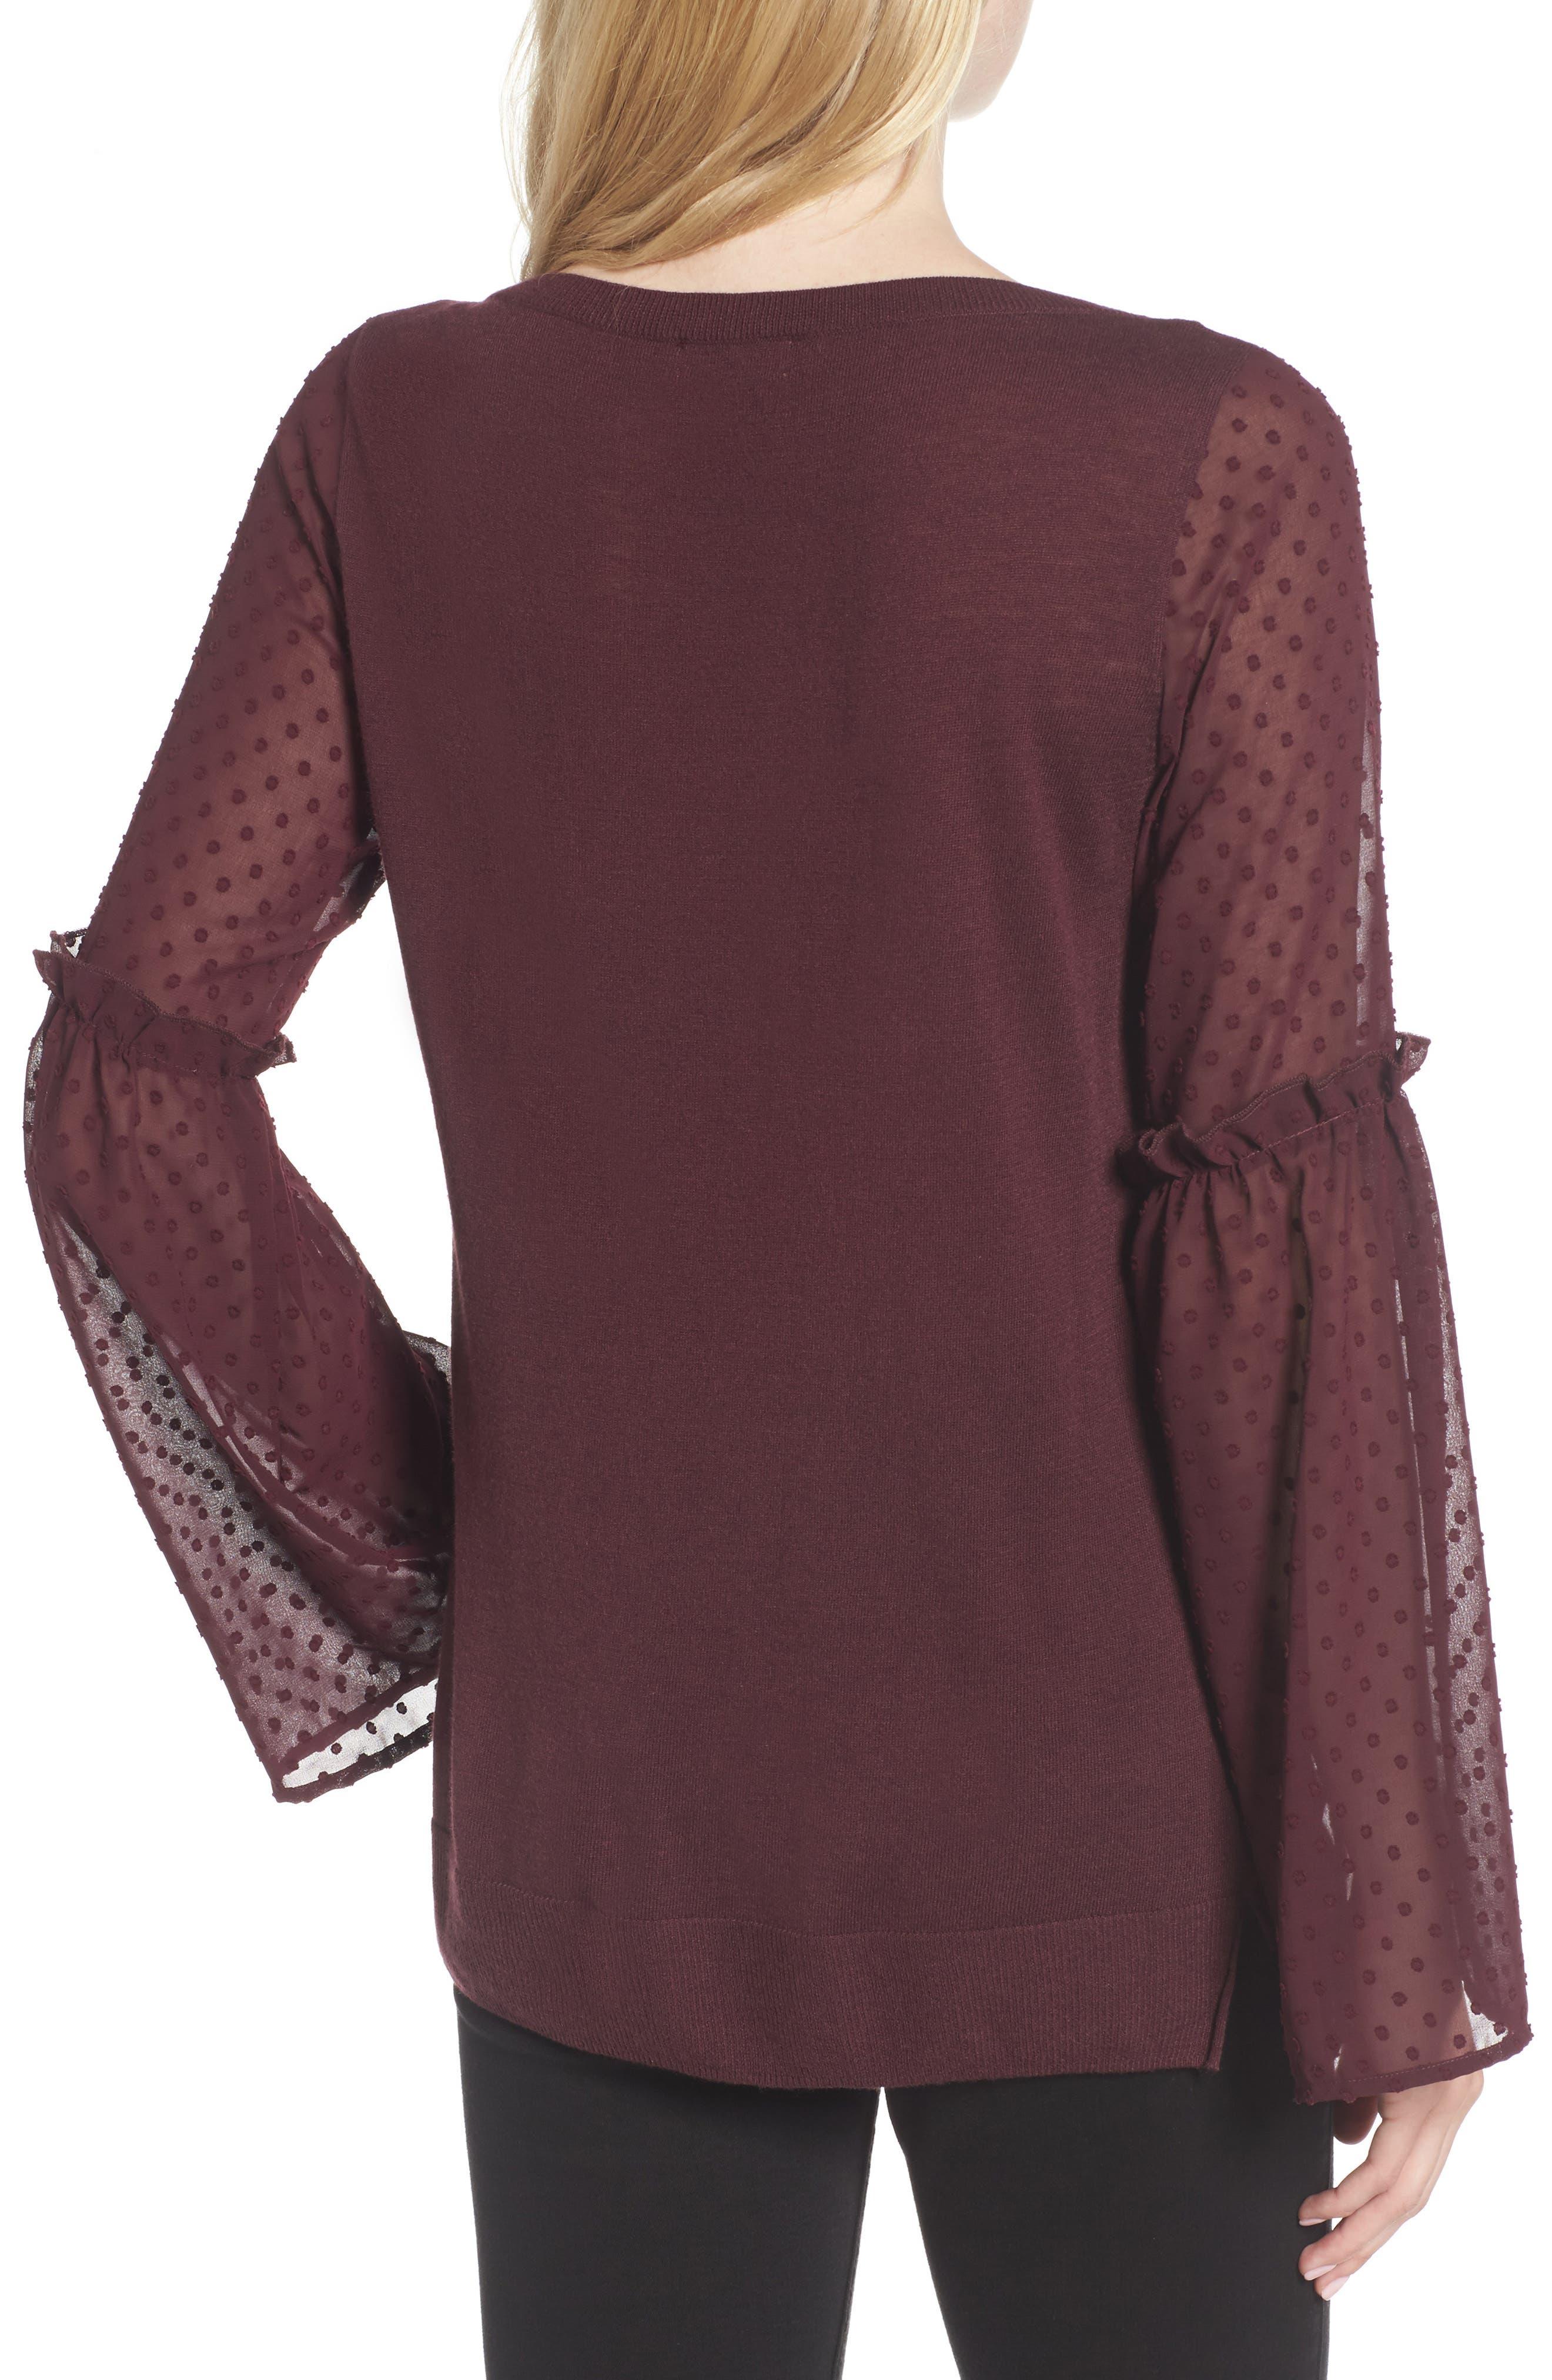 Bell Sleeve Sweater,                             Alternate thumbnail 2, color,                             Burgundy Stem